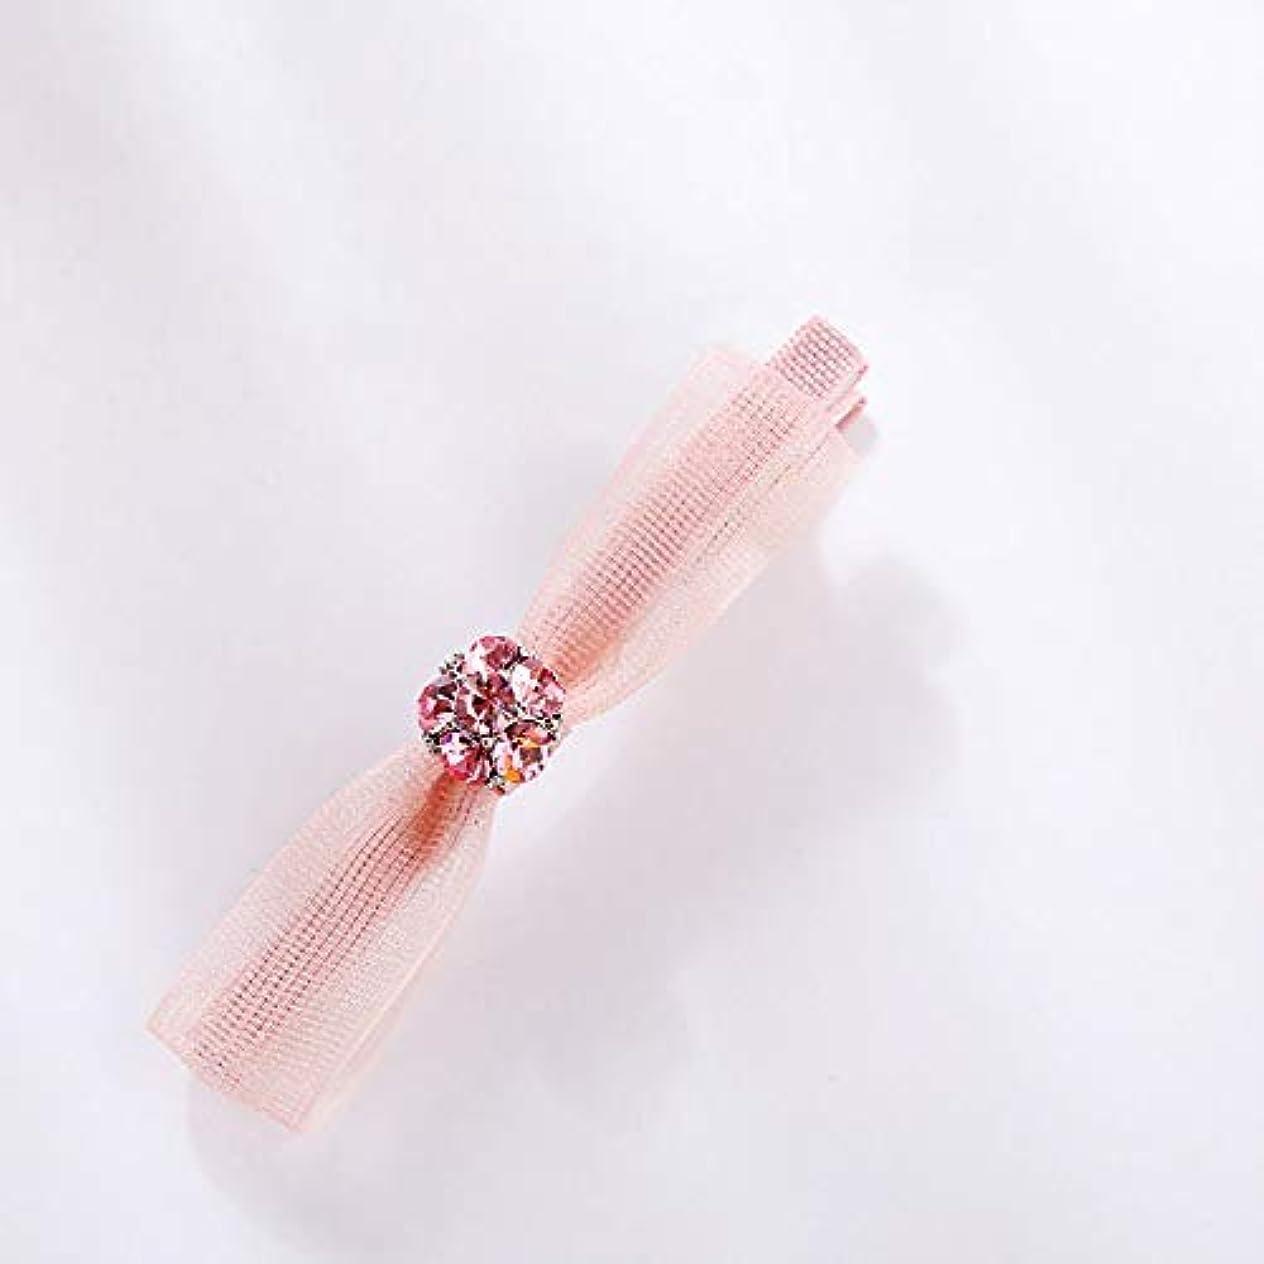 デンマーク語継承温帯HPYOD HOME ファッションロゼットヘアピン便利なヘアクリップ女性結婚式のアクセサリー(ピンク)ヘアピン